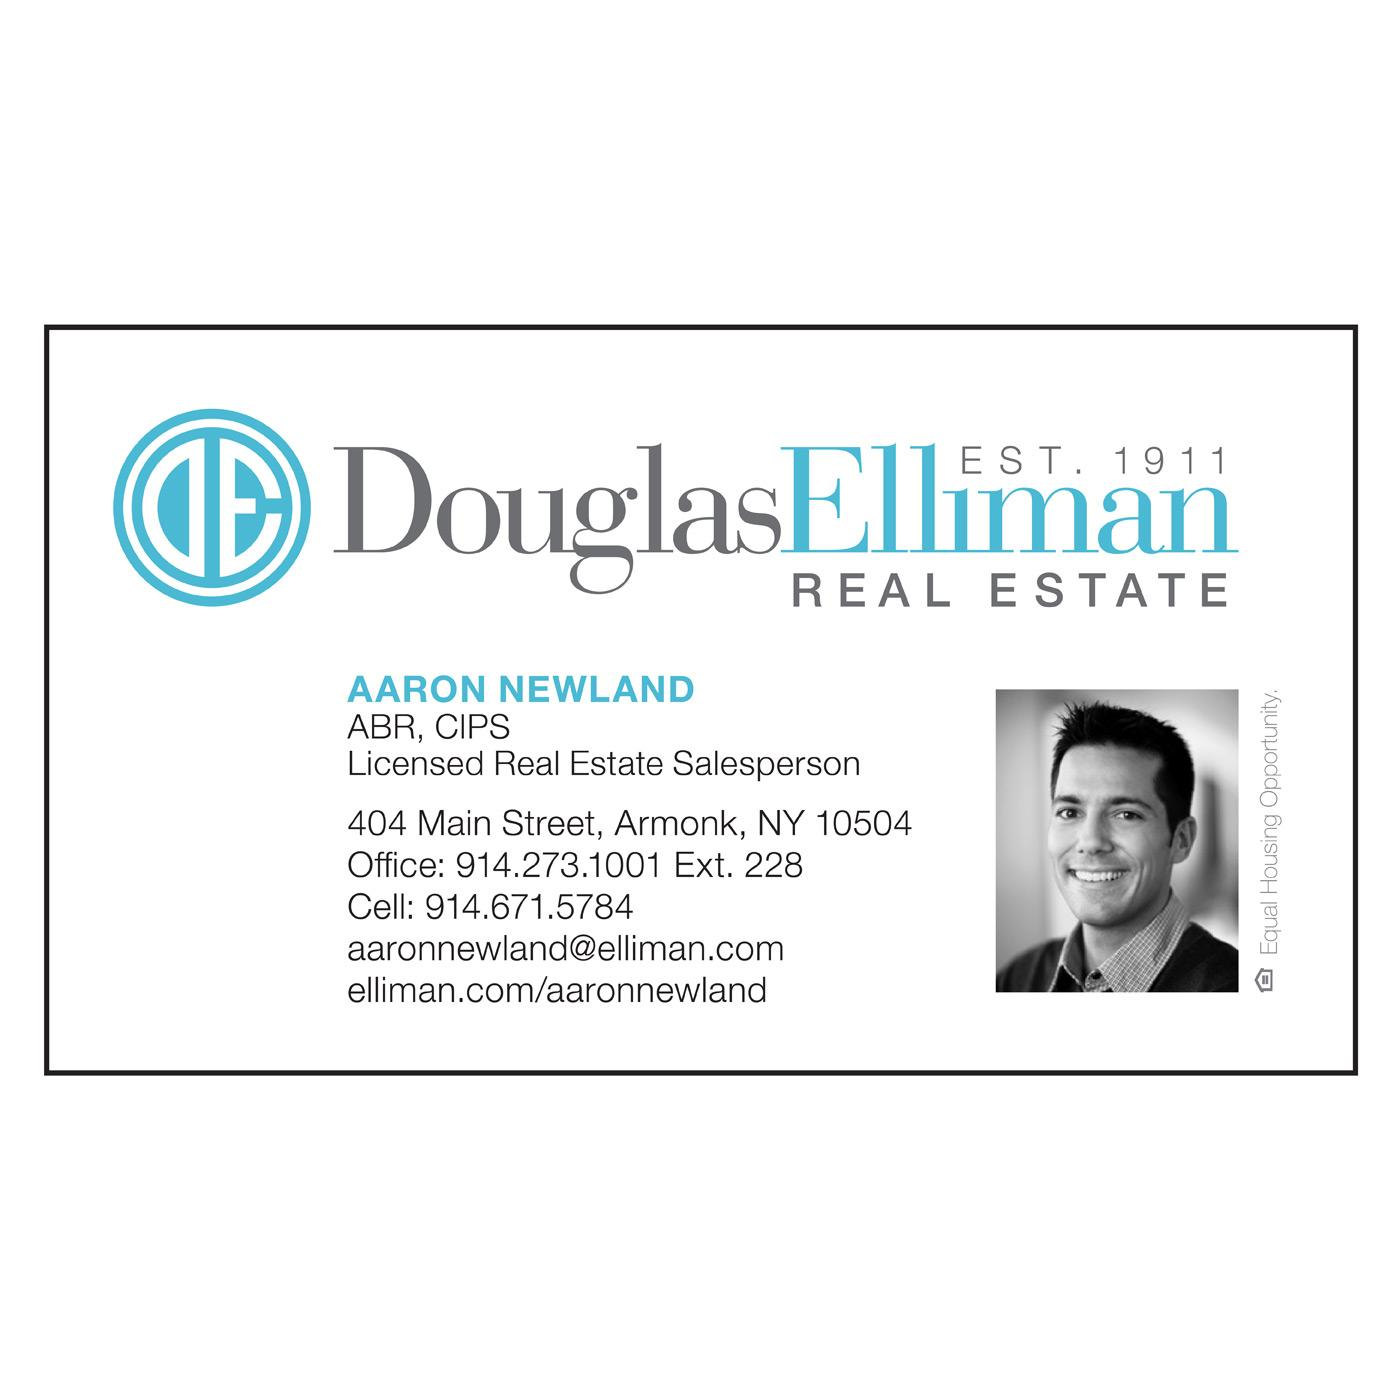 Douglas Elliman business card